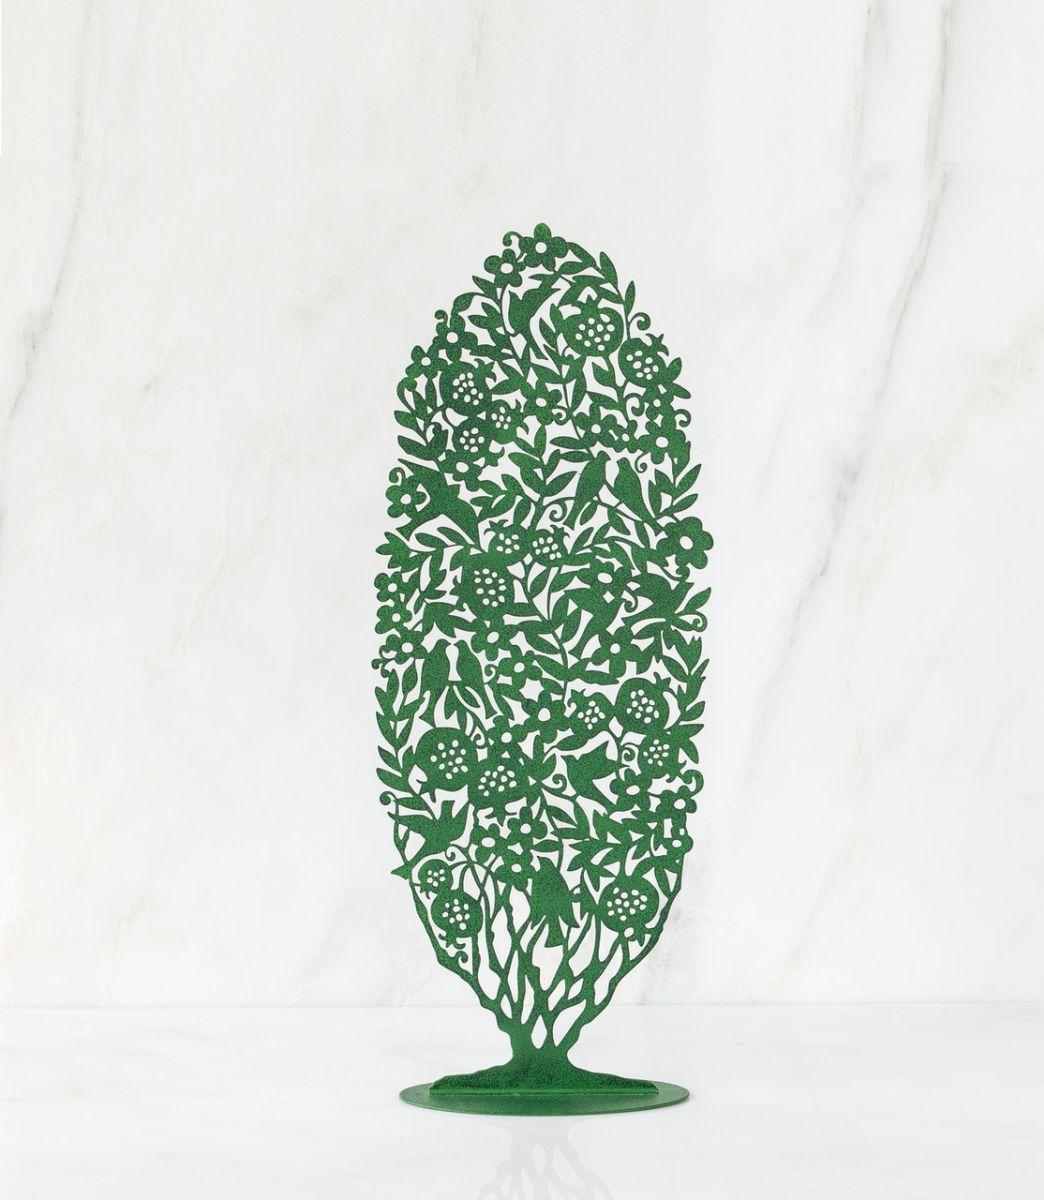 ウィローツリー  【Tree Silhouette】 - シルエット